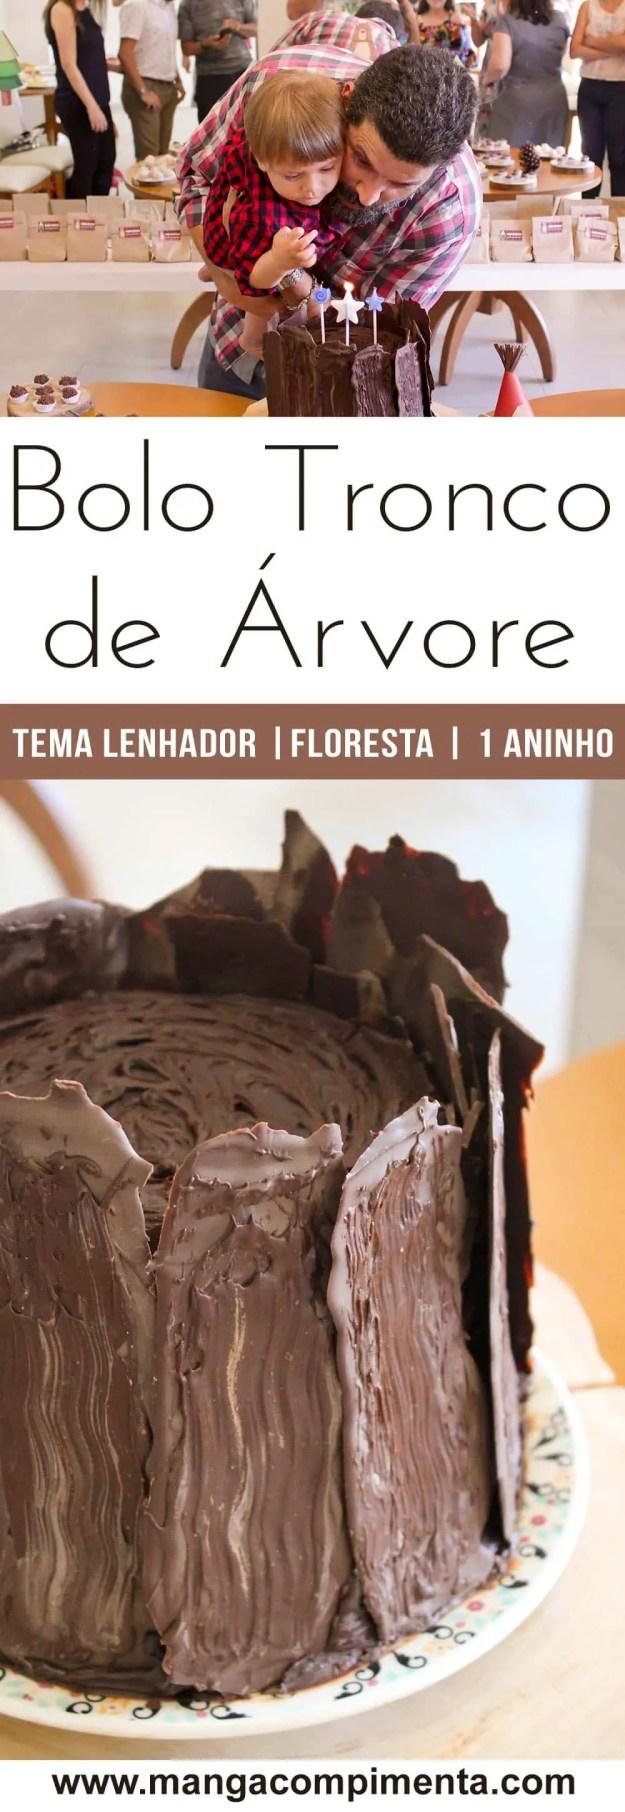 Receita do Bolo de Aniversário Tronco de Árvore - Sabor Chocolate, Recheio de Brigadeiro e Cobertura de Ganache.